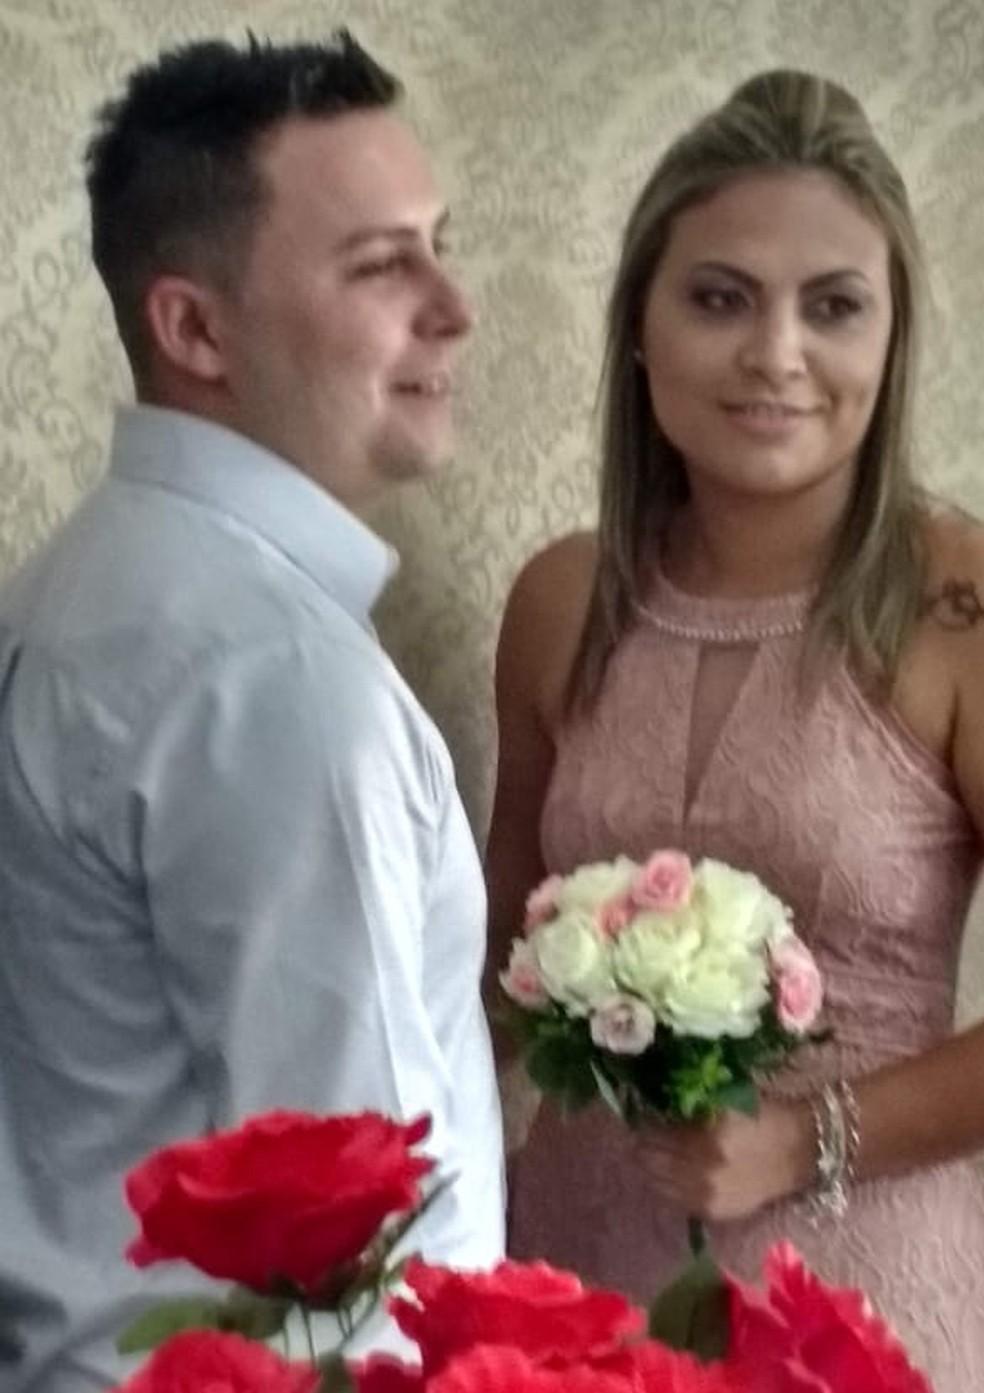 Vítima e ex-marido, apontado pelas investigações como mandante de tentativa de feminicídio — Foto: Arquivo Pessoal